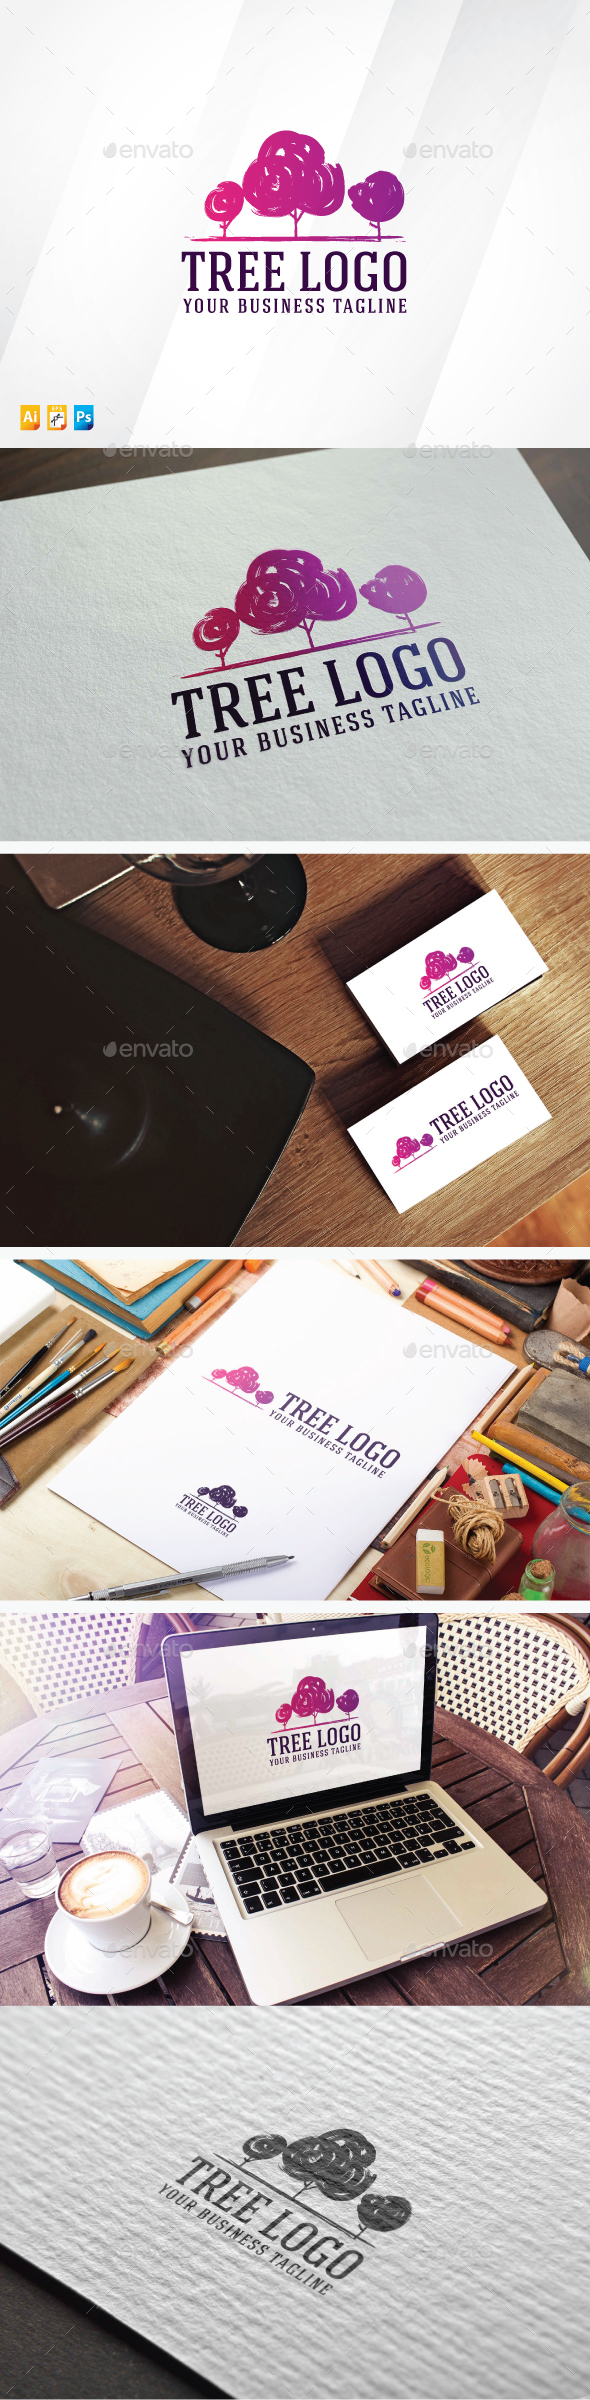 Tree Logo - Abstract Logo Templates